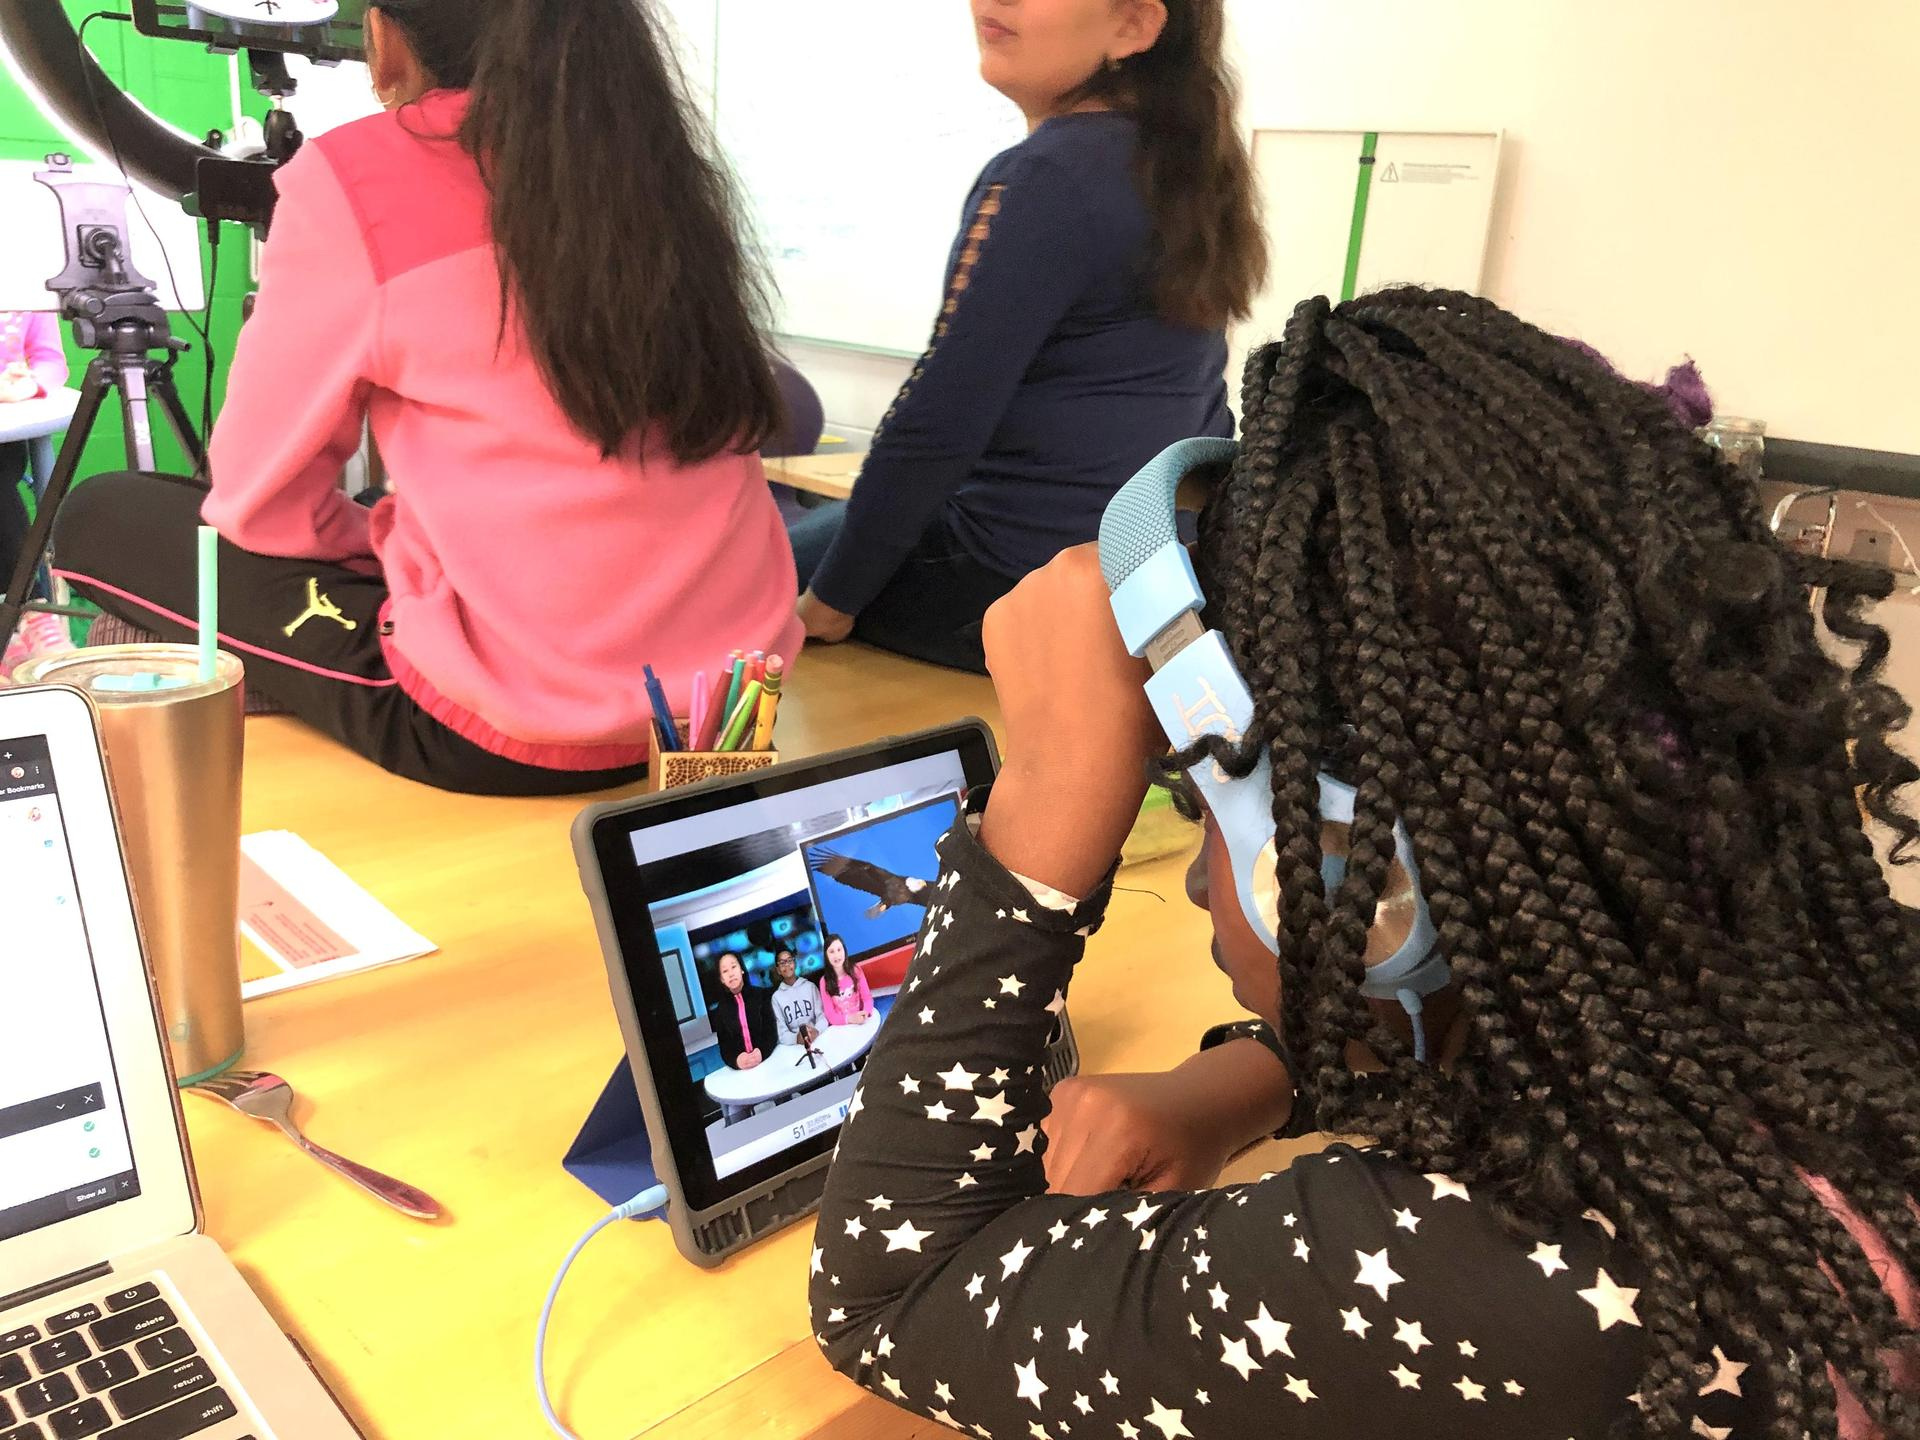 Young girl looking at iPad